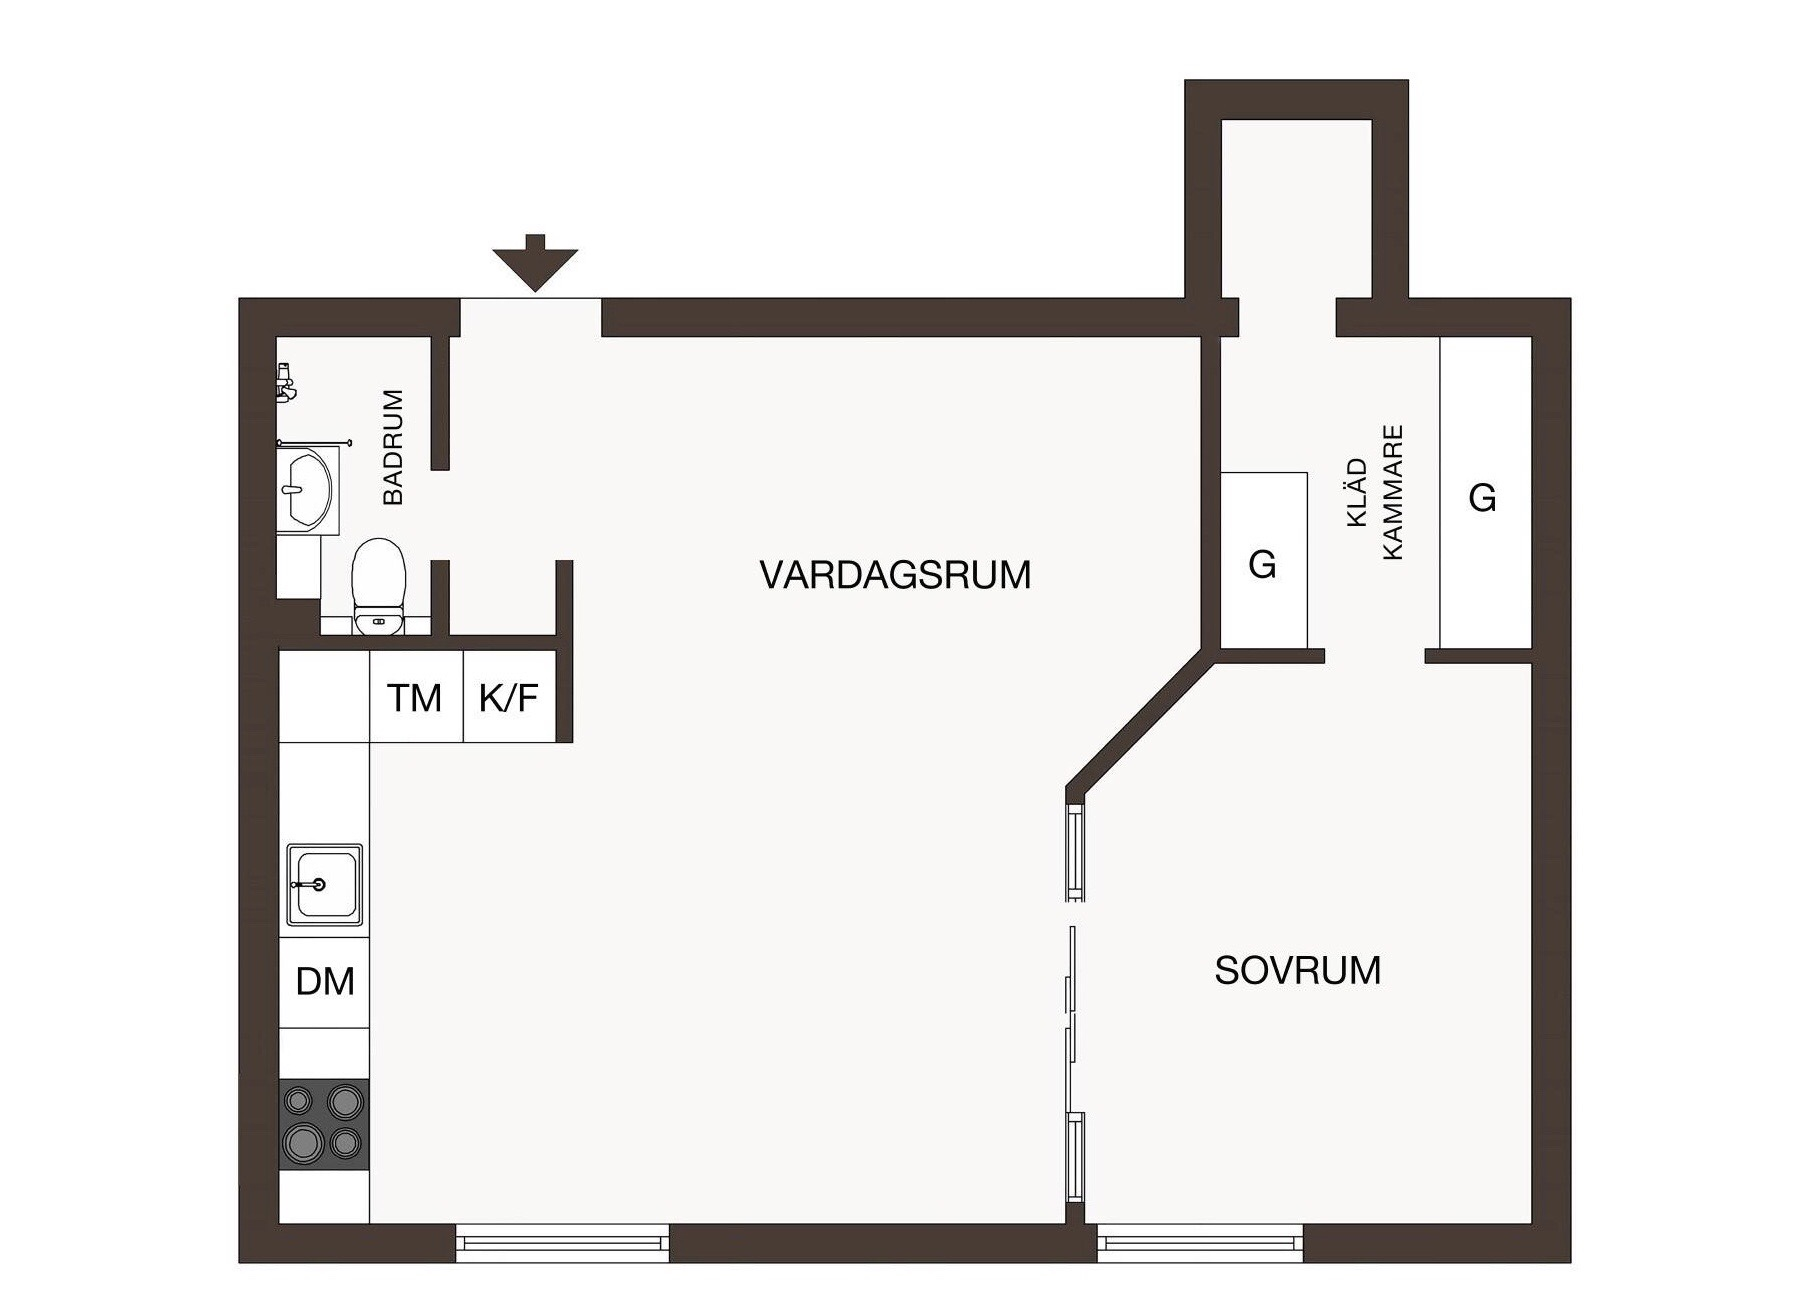 Uși de sticlă între living și dormitor într o garsonieră de 49 m² din Suedia 24